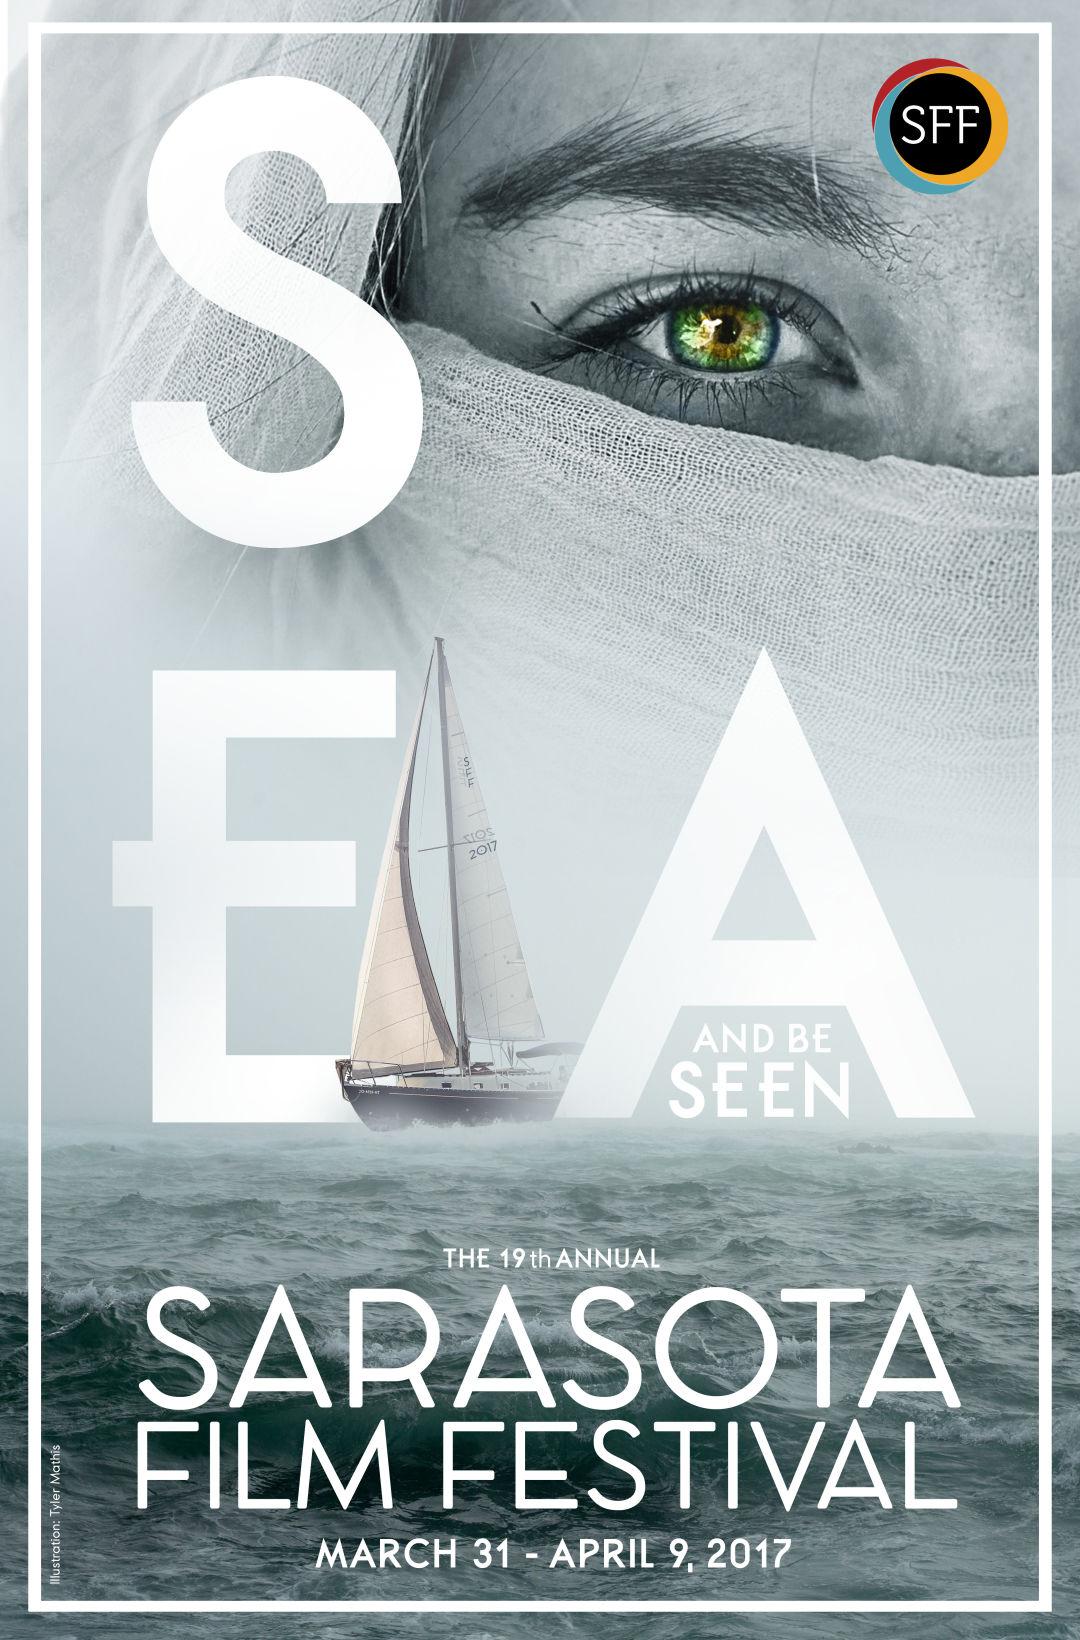 Sarasota film festival danjp8